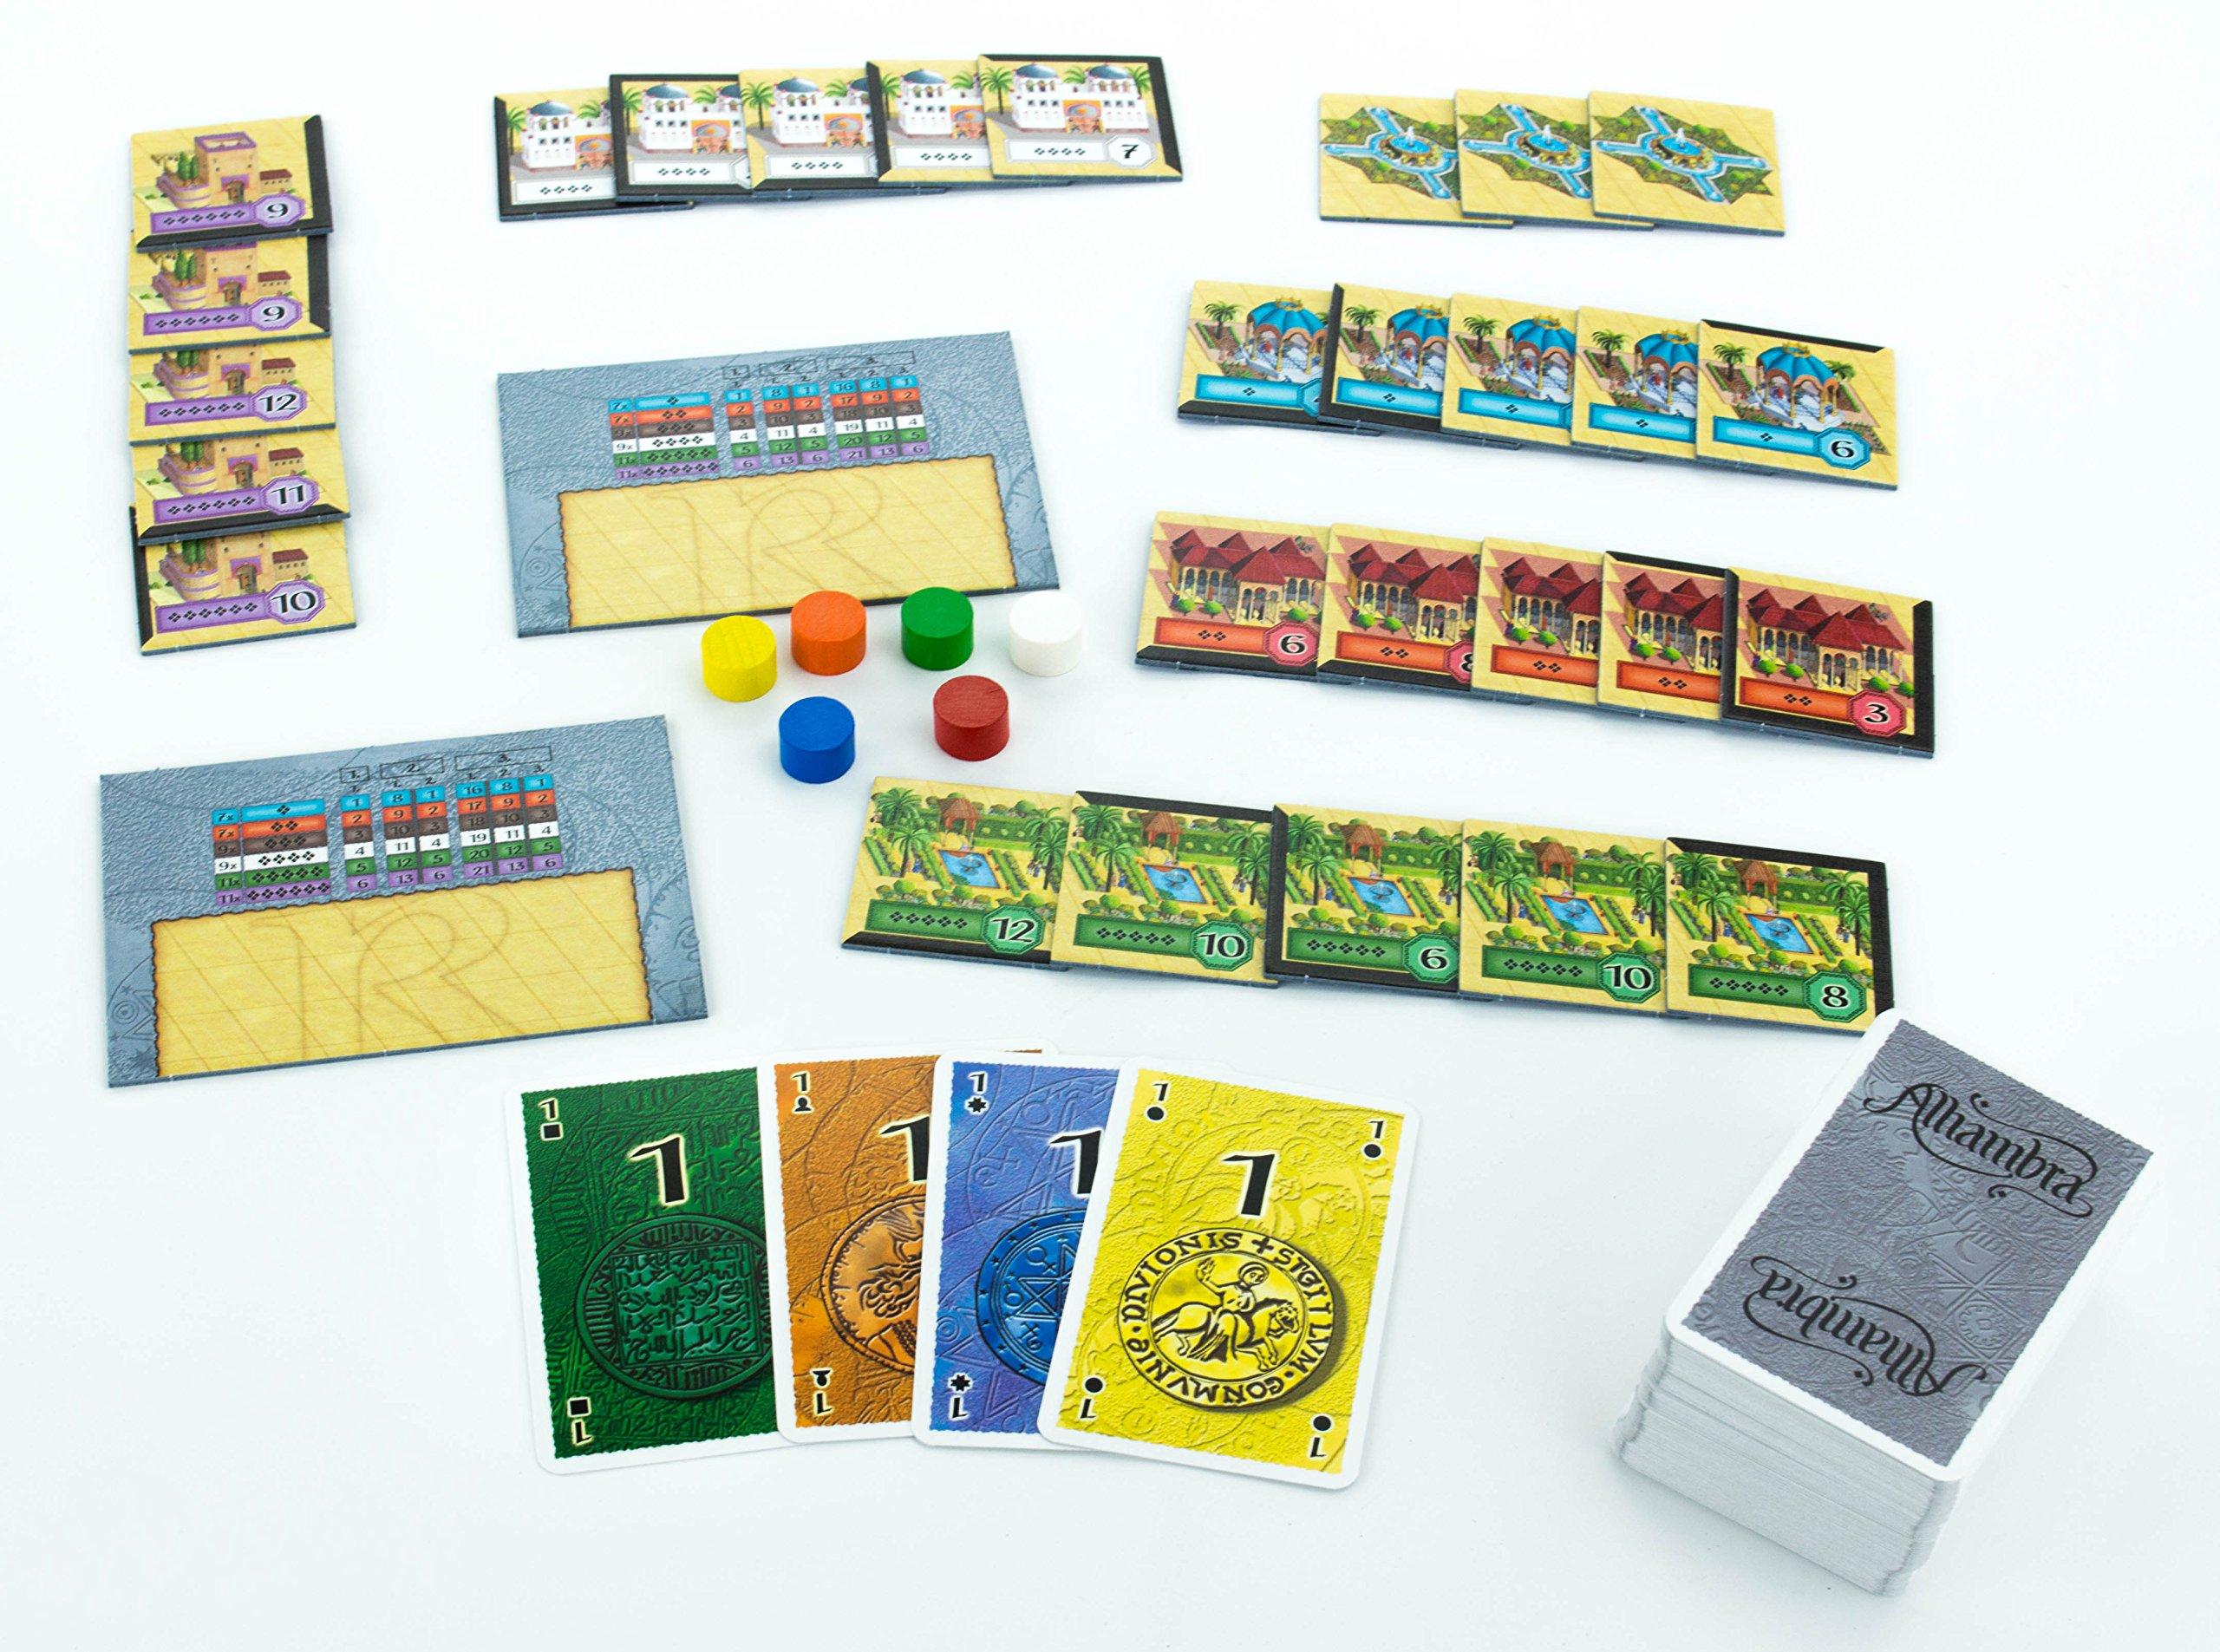 Queen Games - Juego de Estrategia, de 2 a 6 Jugadores (QUE6026) (Importado de Alemania): Amazon.es: Juguetes y juegos